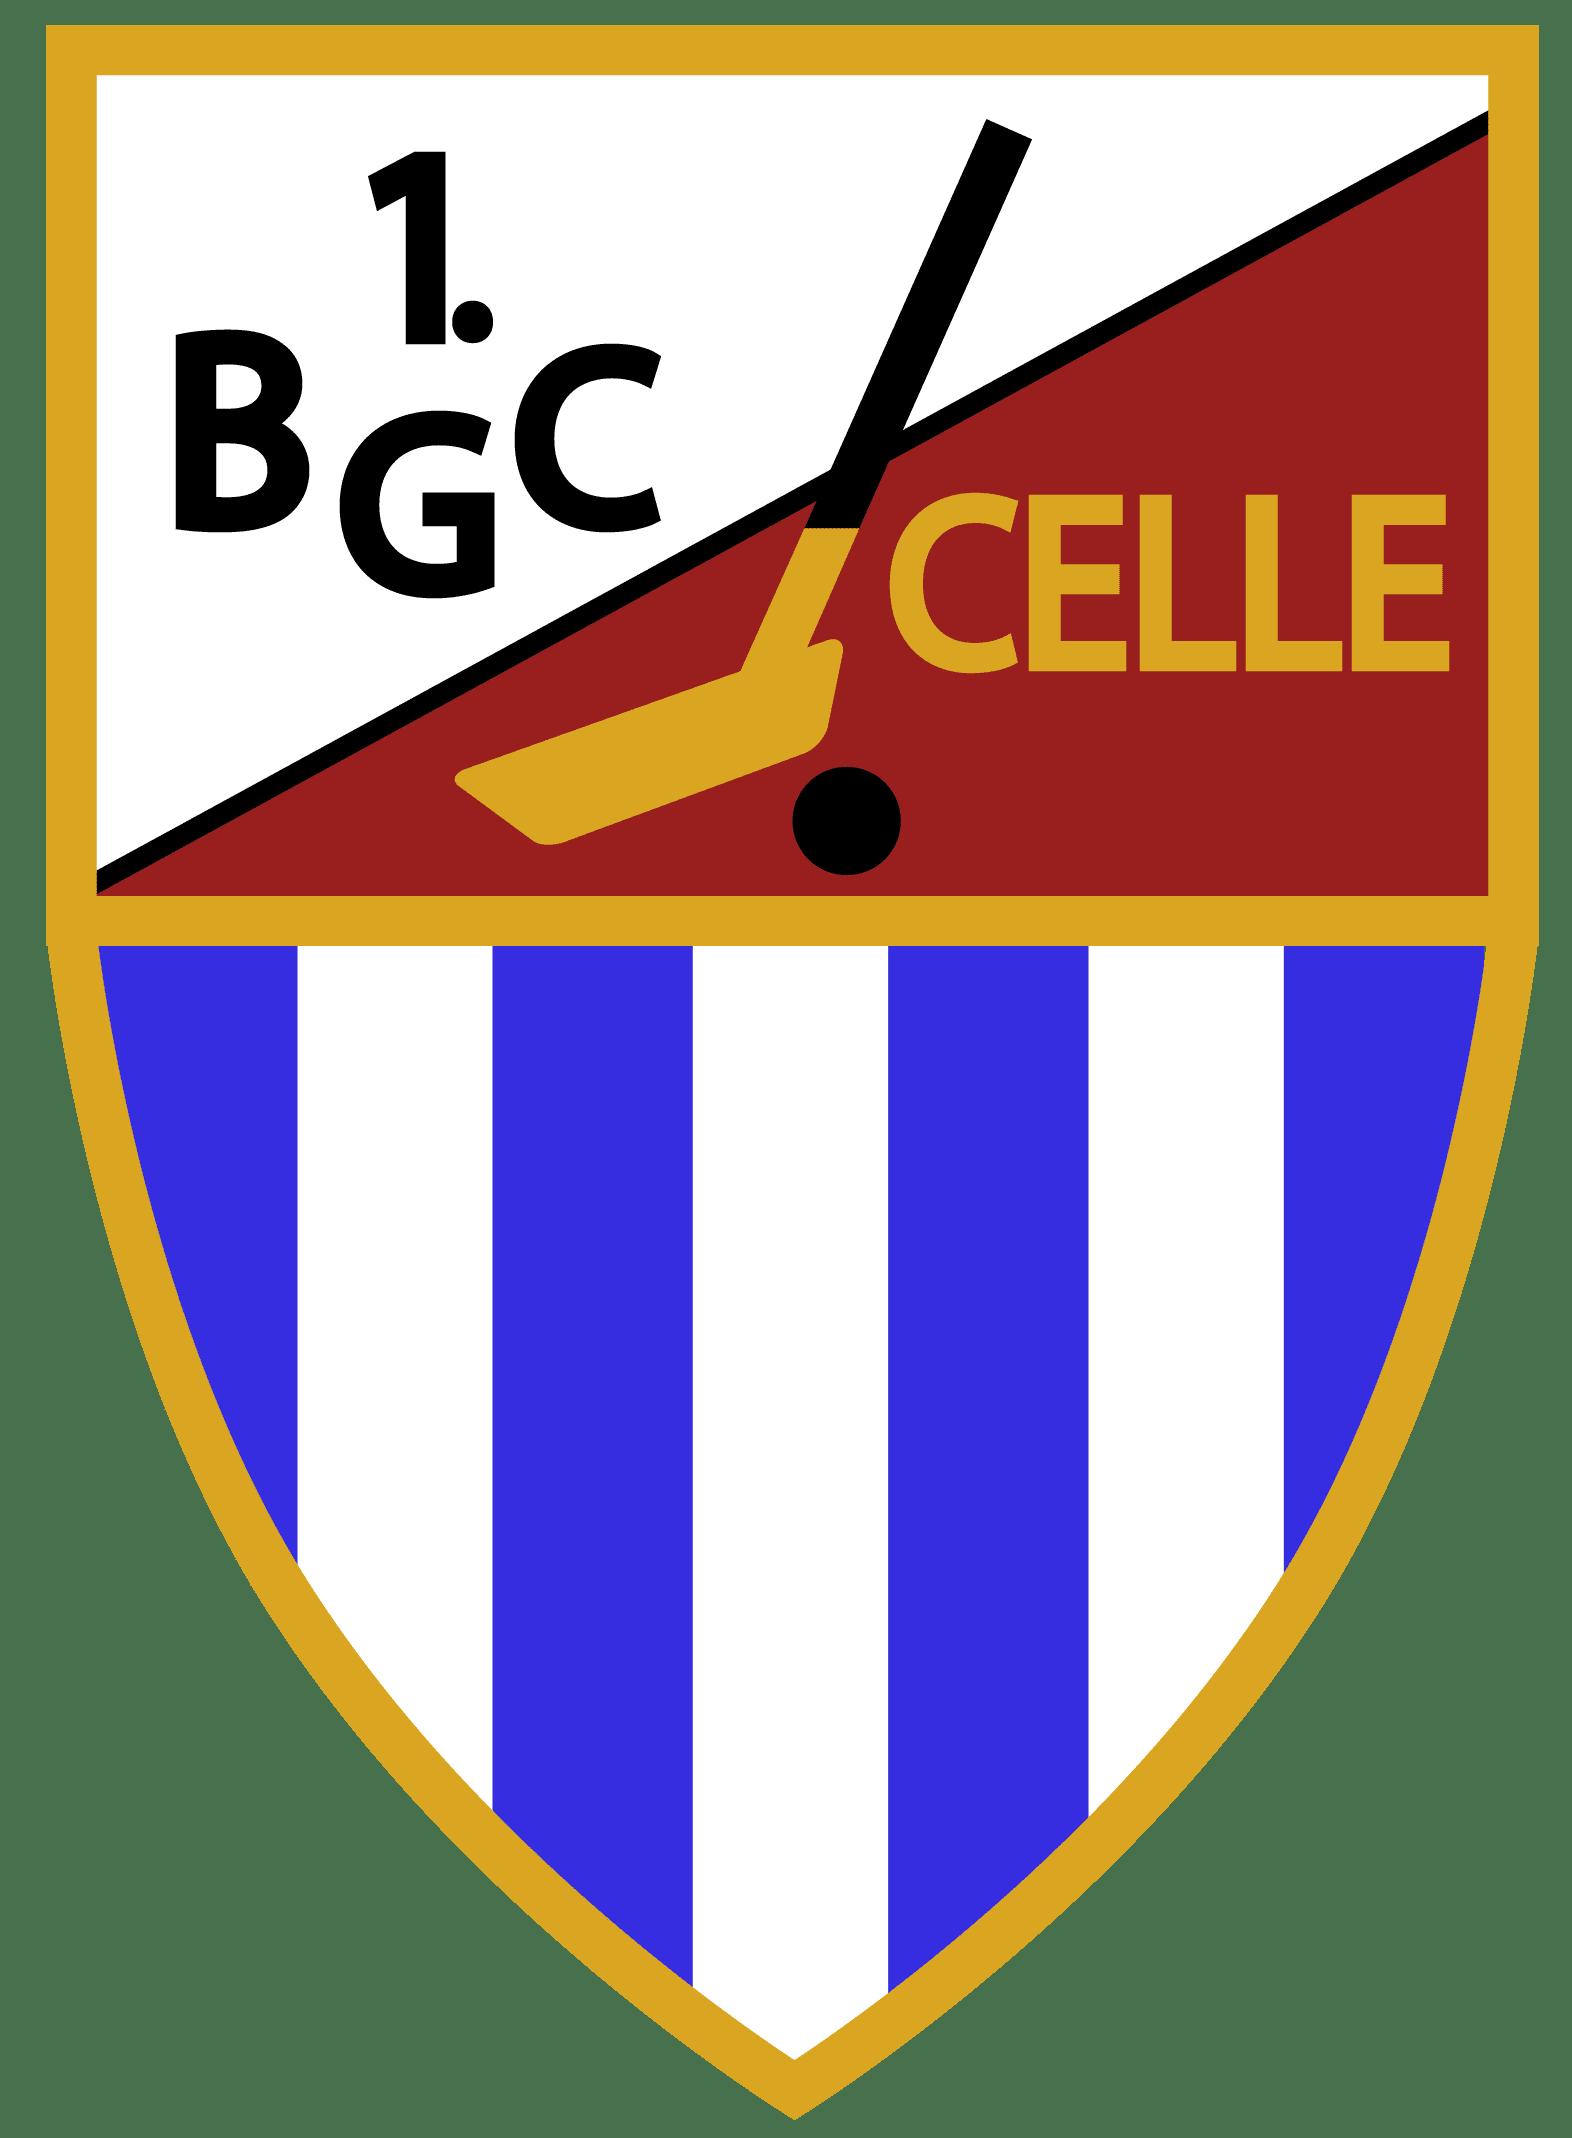 bgc-celle-logo